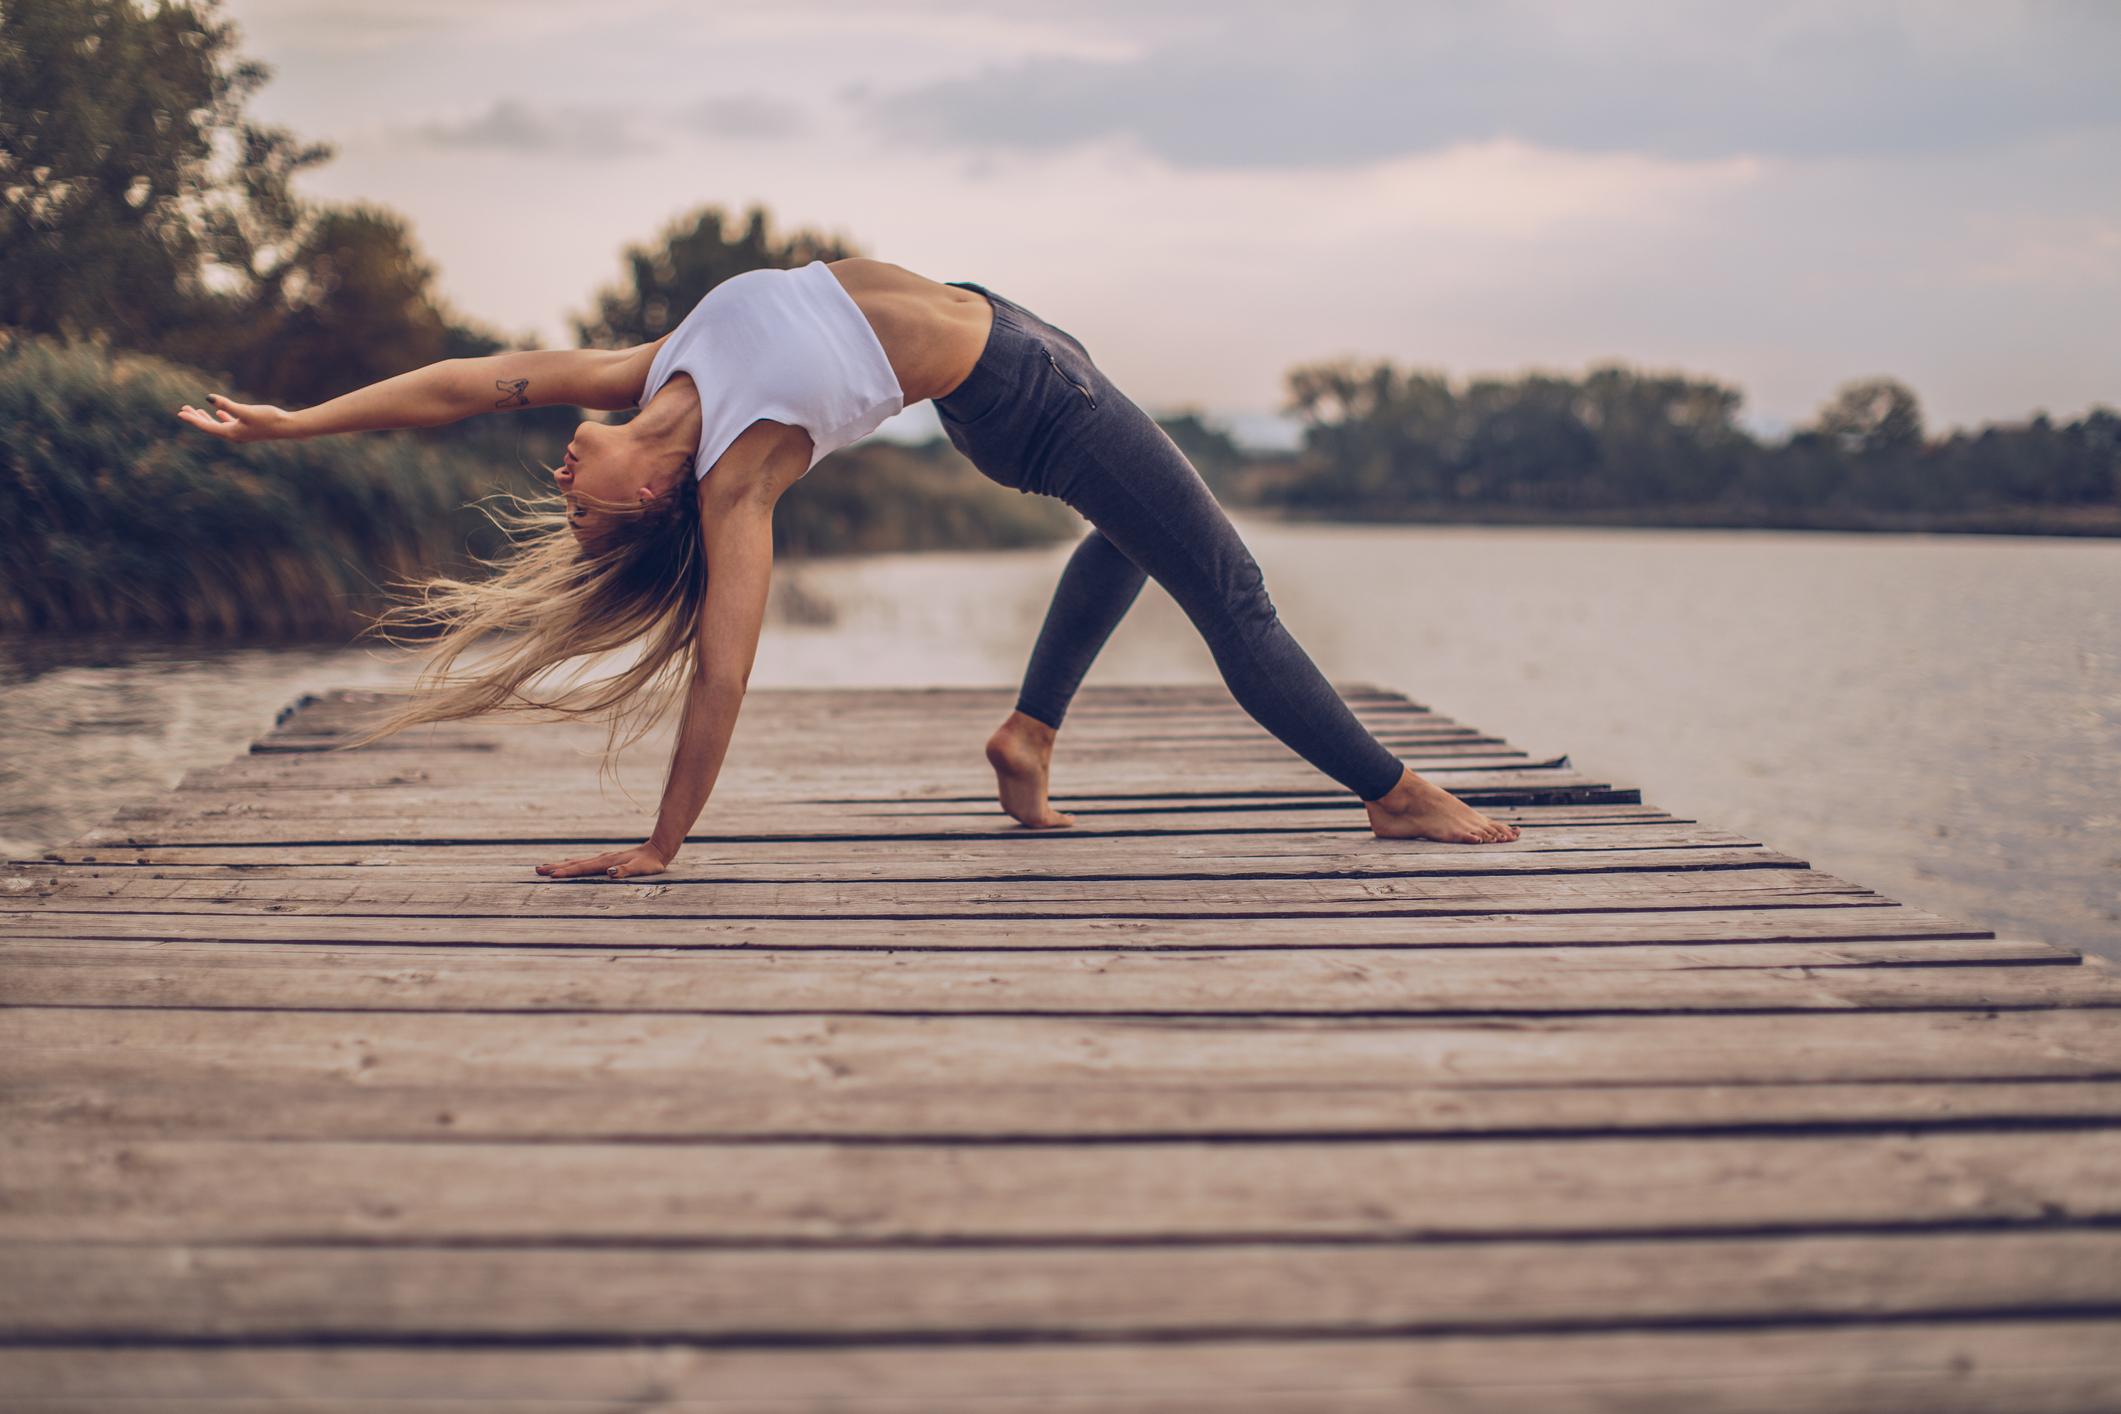 Joga je vrlo učinkovita antistresna metoda te pridonosi da se osjećamo vitalno, zadovoljno, razgibano i budno.